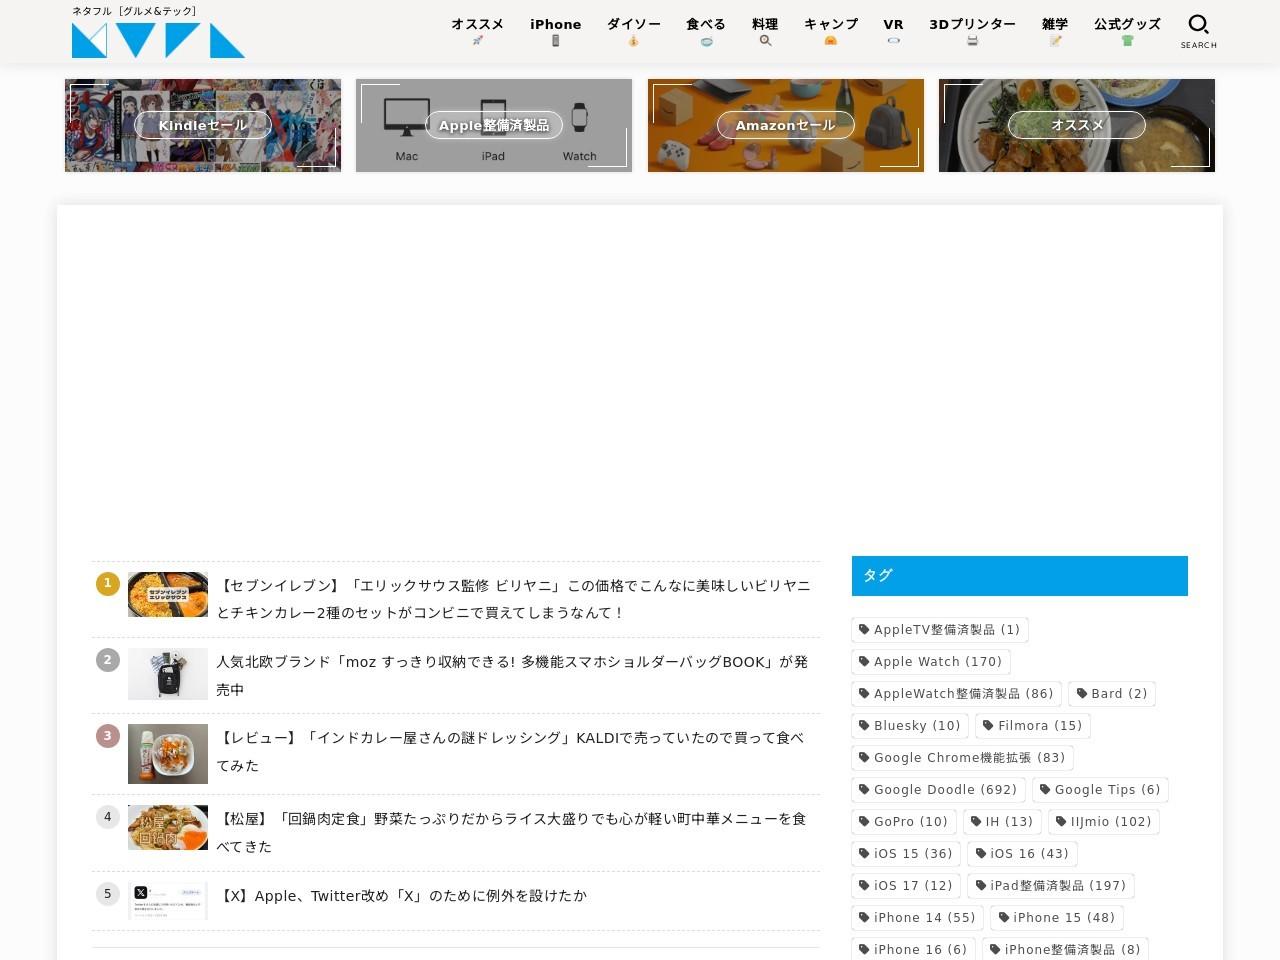 [N] 【脱獄不要】iPhoneでMacのテザリングを可能にする「t.free」